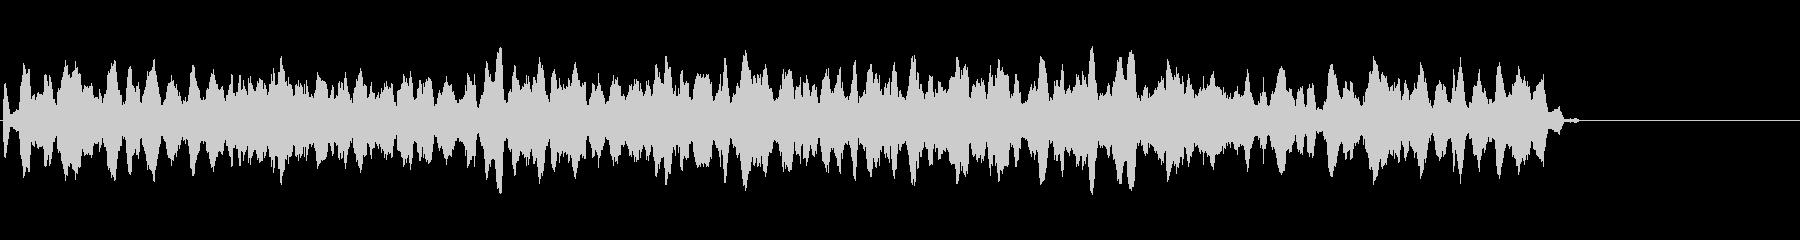 不思議な雰囲気の電子音の未再生の波形